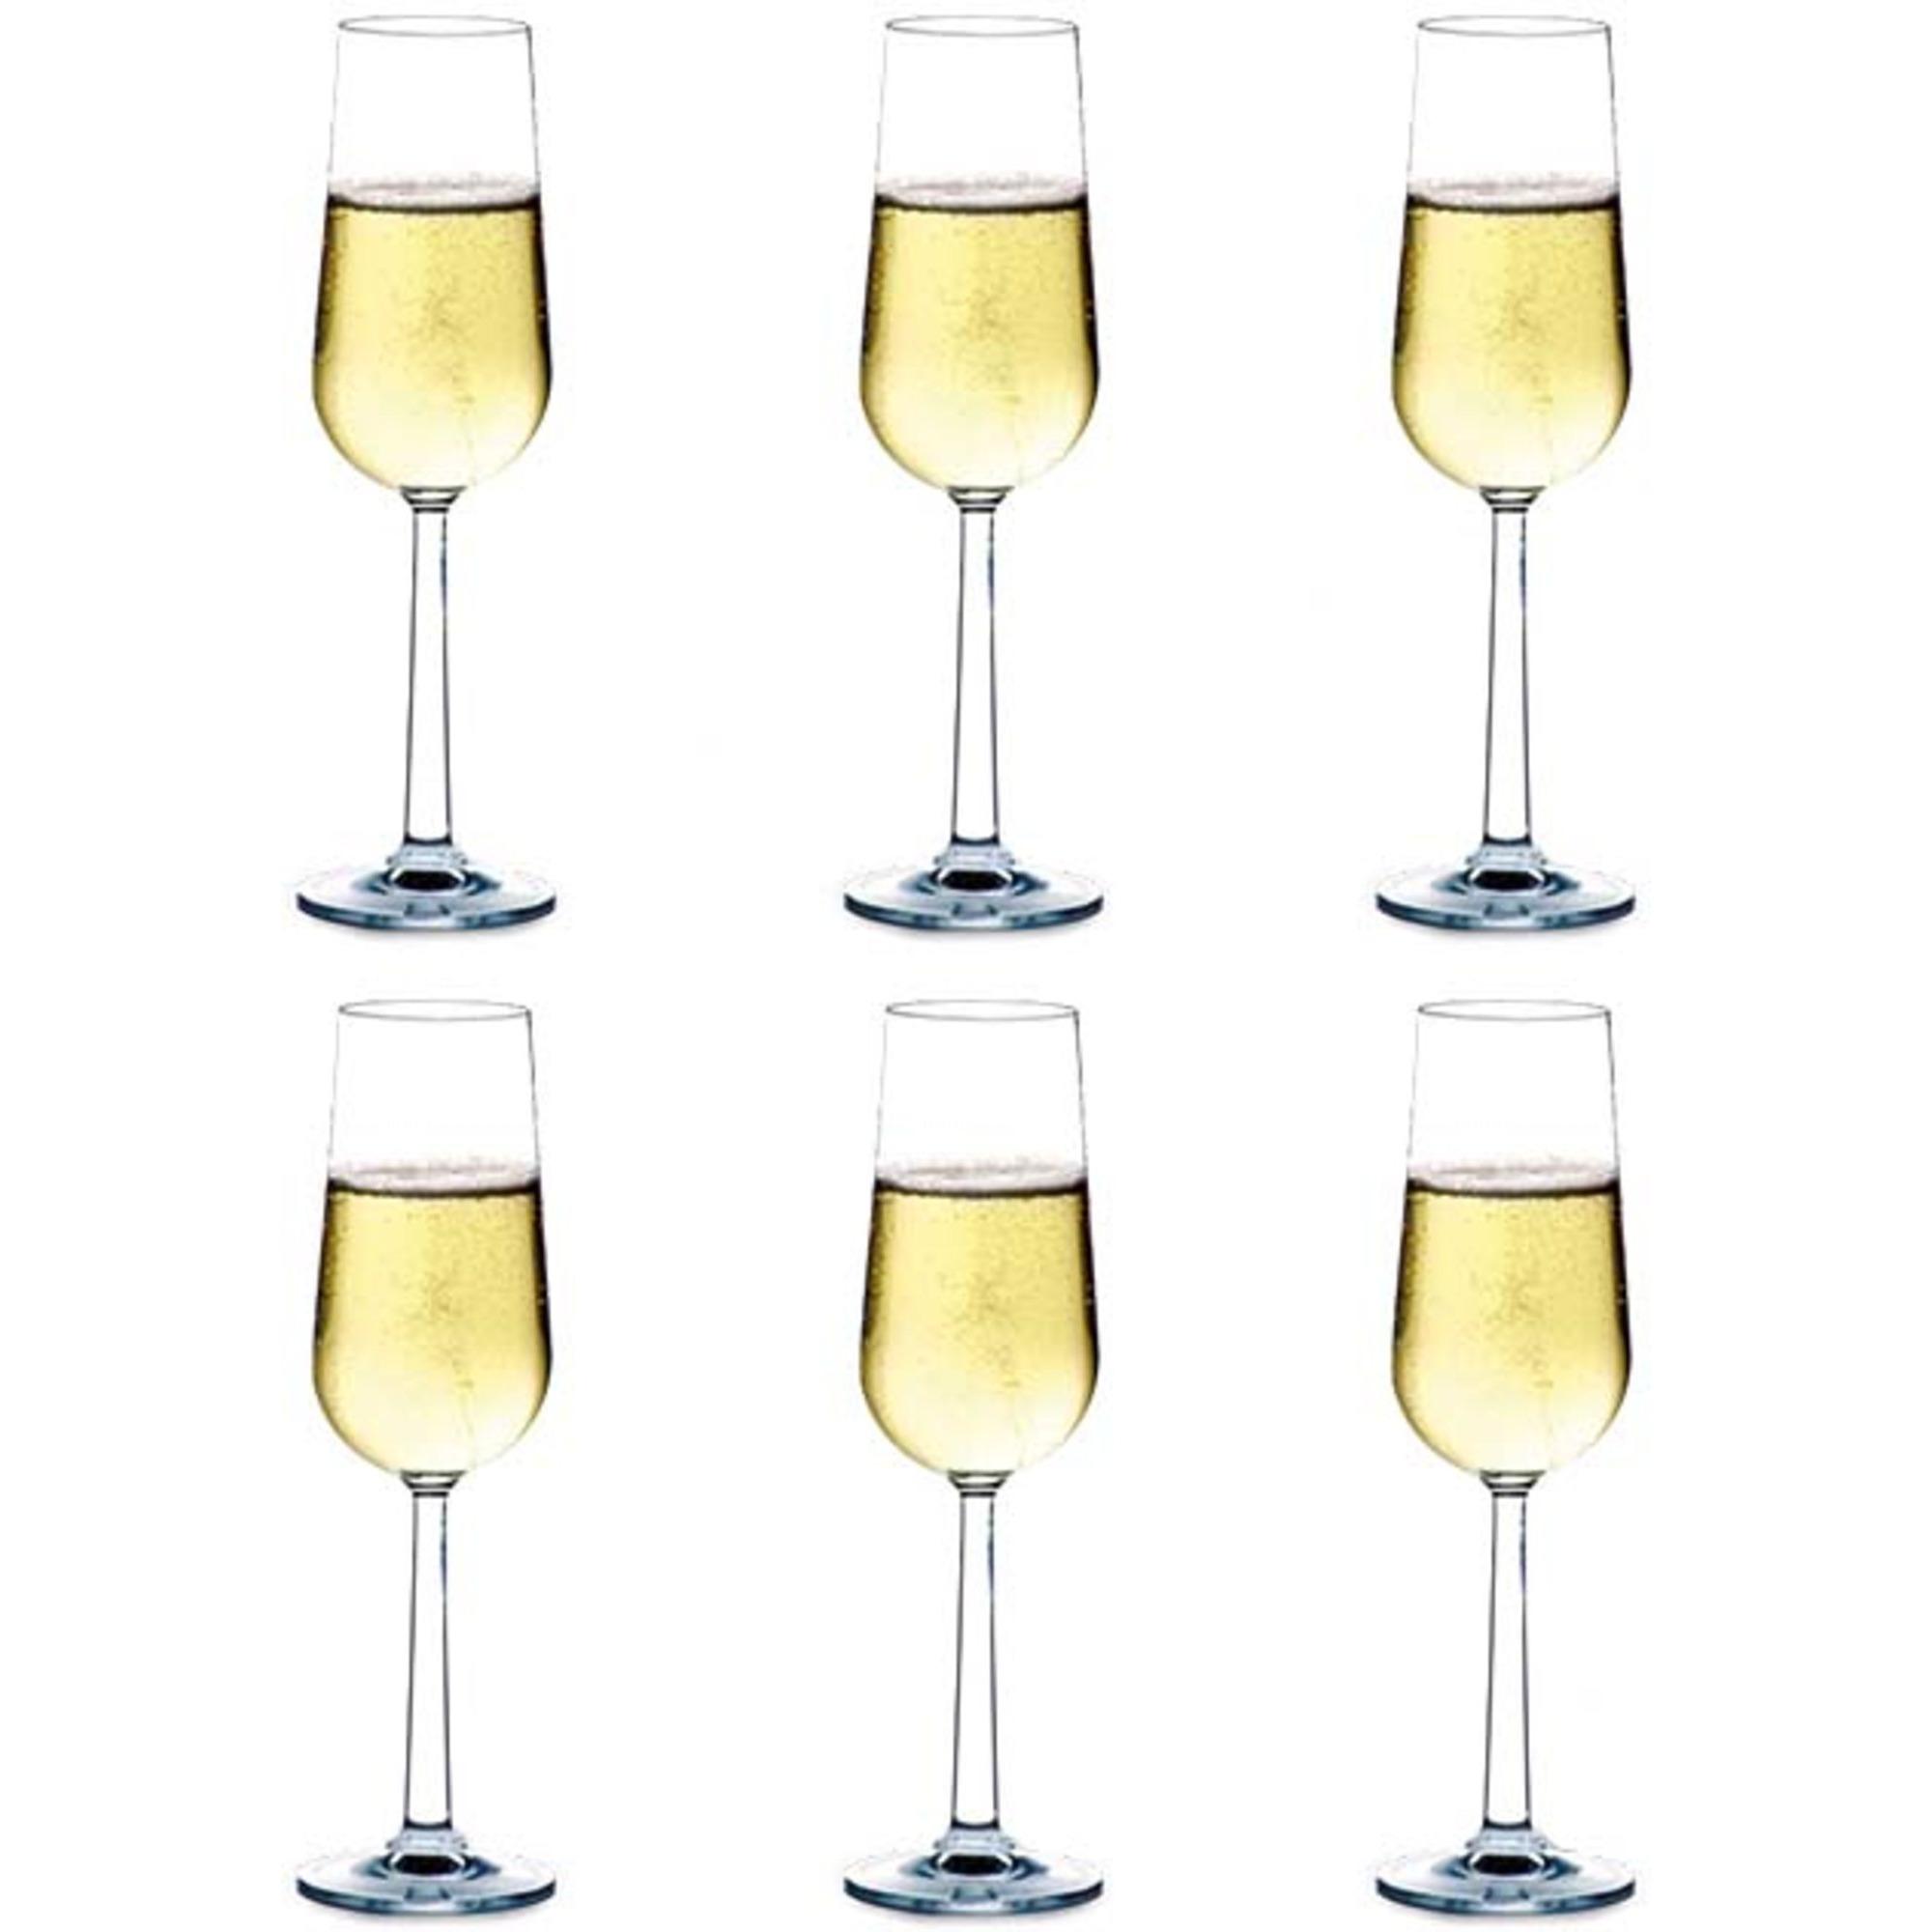 Rosendahl Grand Cru Champagneglas 24 cl 6 st